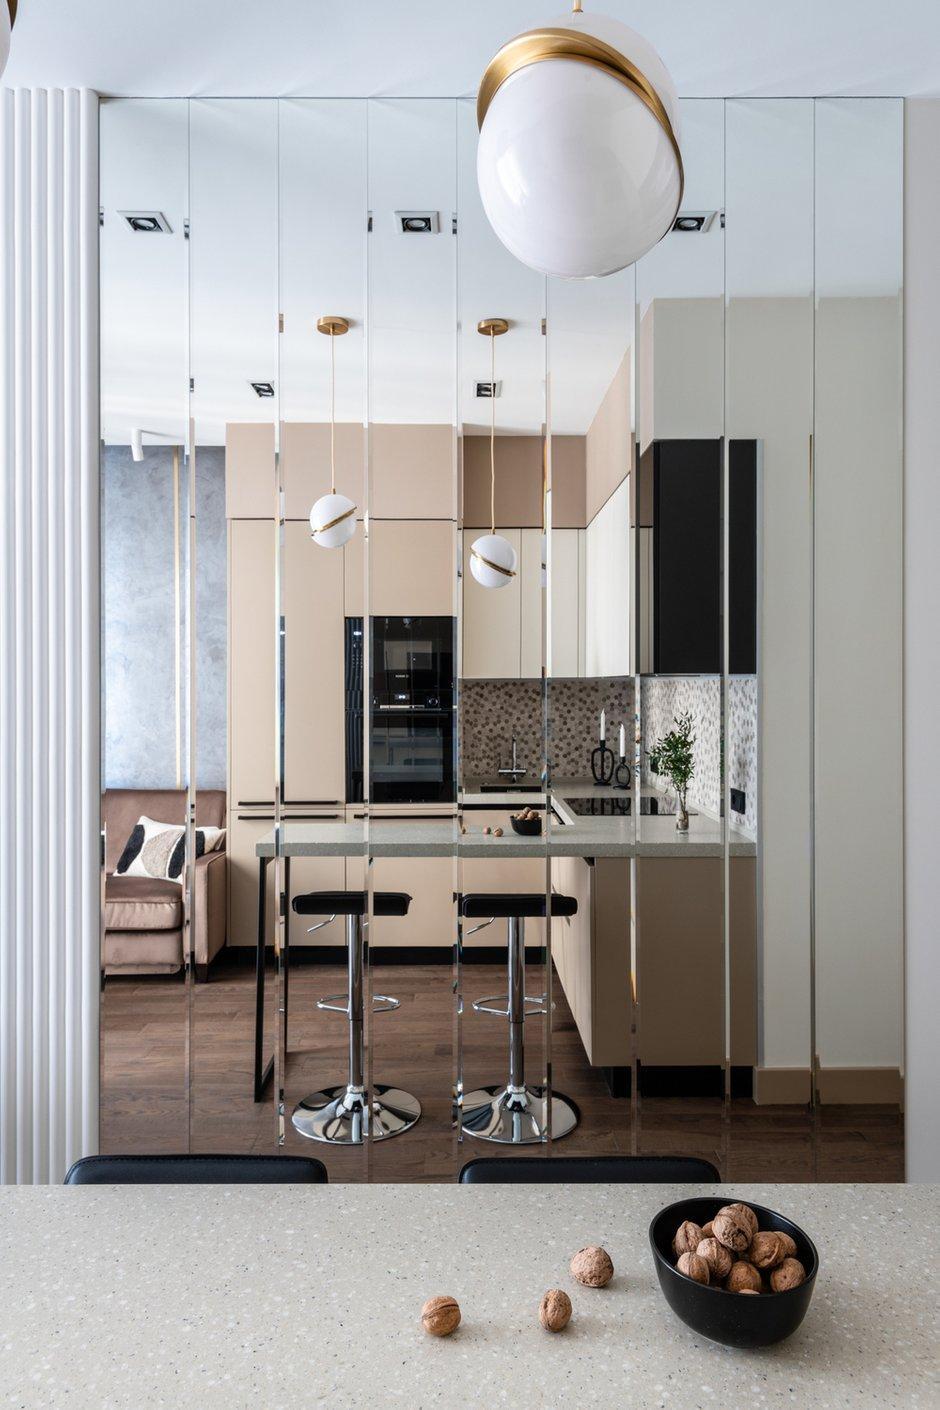 Фотография: Кухня и столовая в стиле Современный, Квартира, Проект недели, Москва, 3 комнаты, 60-90 метров, Карина Римик – фото на INMYROOM